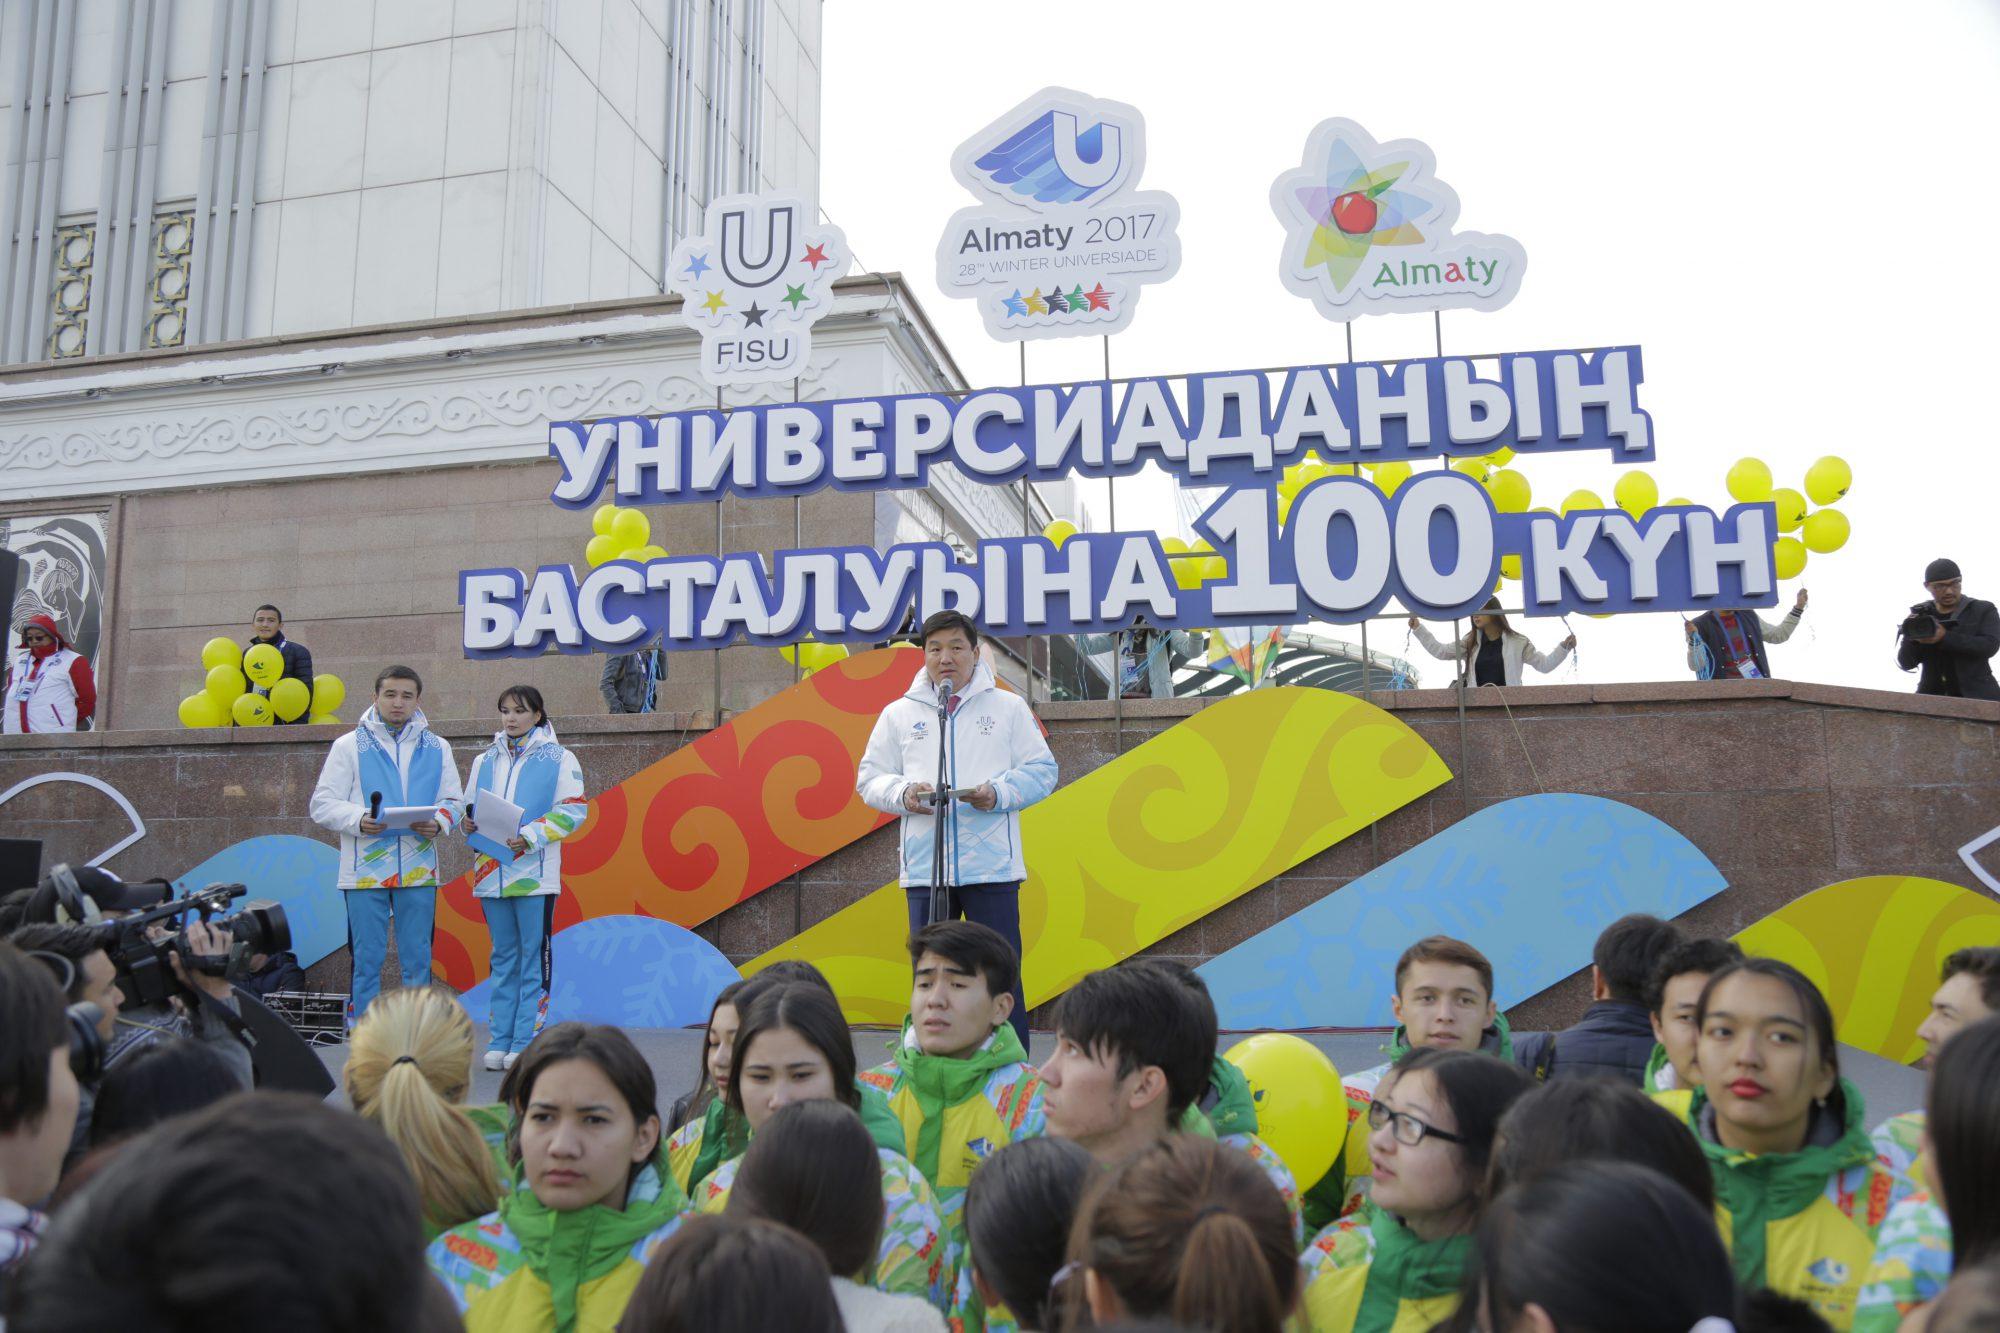 Алматы Универсиада 2017